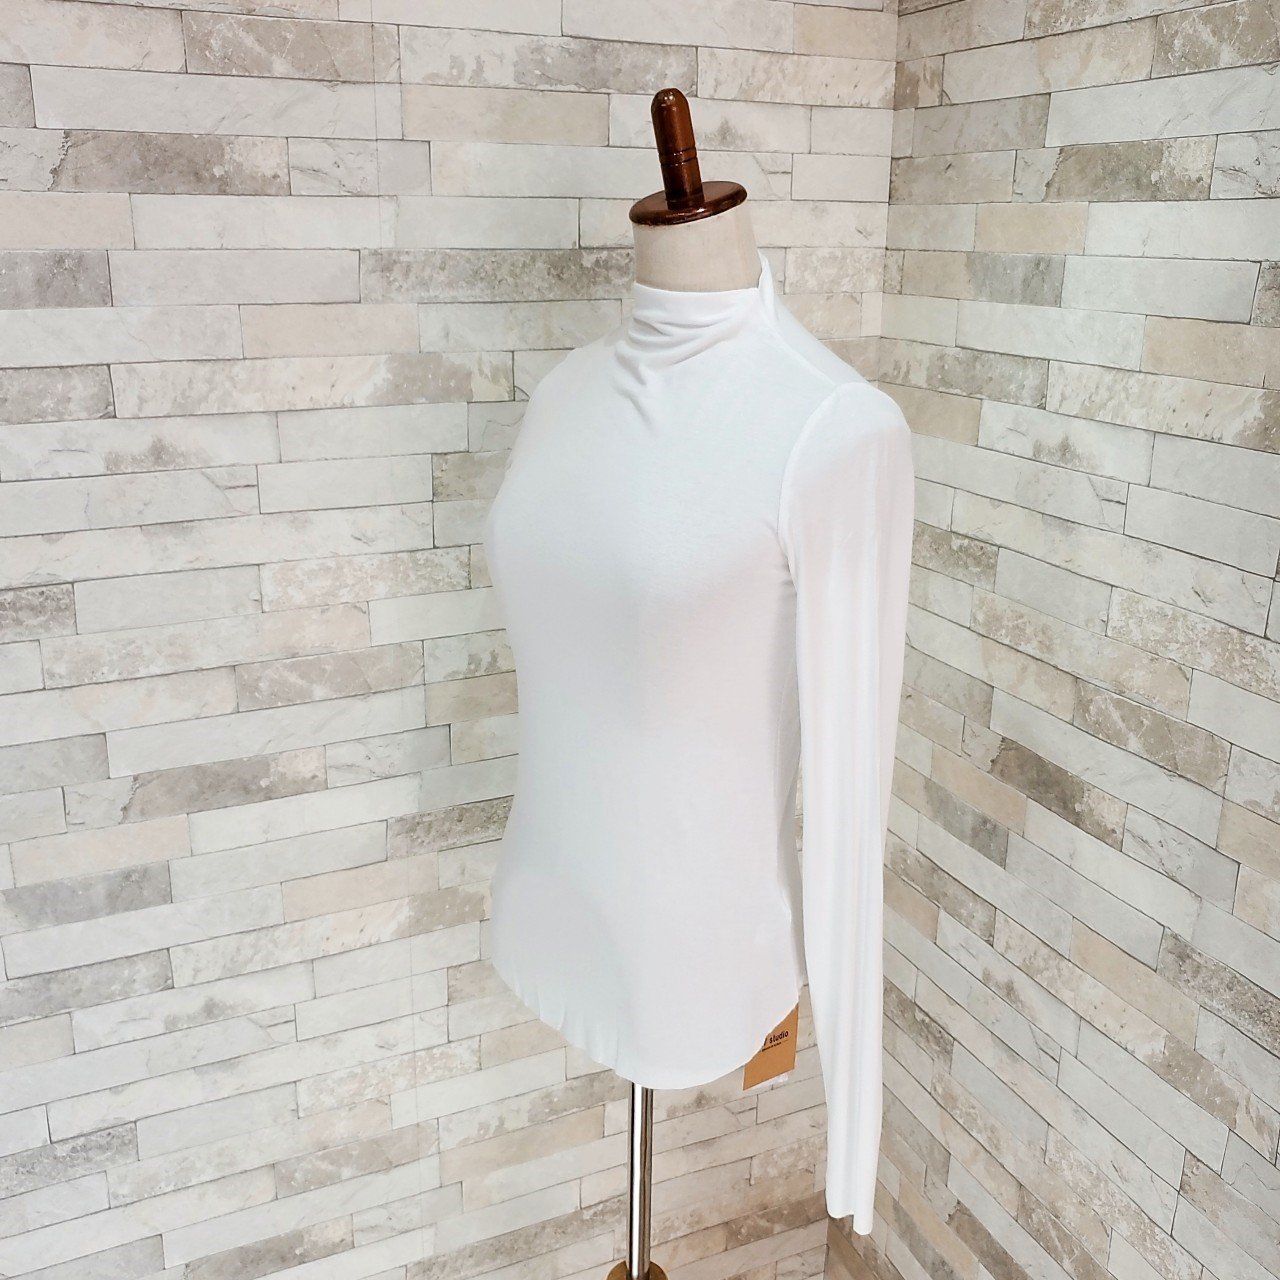 【即納】韓国 ファッション トップス Tシャツ カットソー 秋 冬 カジュアル SPTXD048  ボトルネック ハイネック ロンT ベーシック タイト ジャケッ オルチャン シンプル 定番 セレカジの写真18枚目